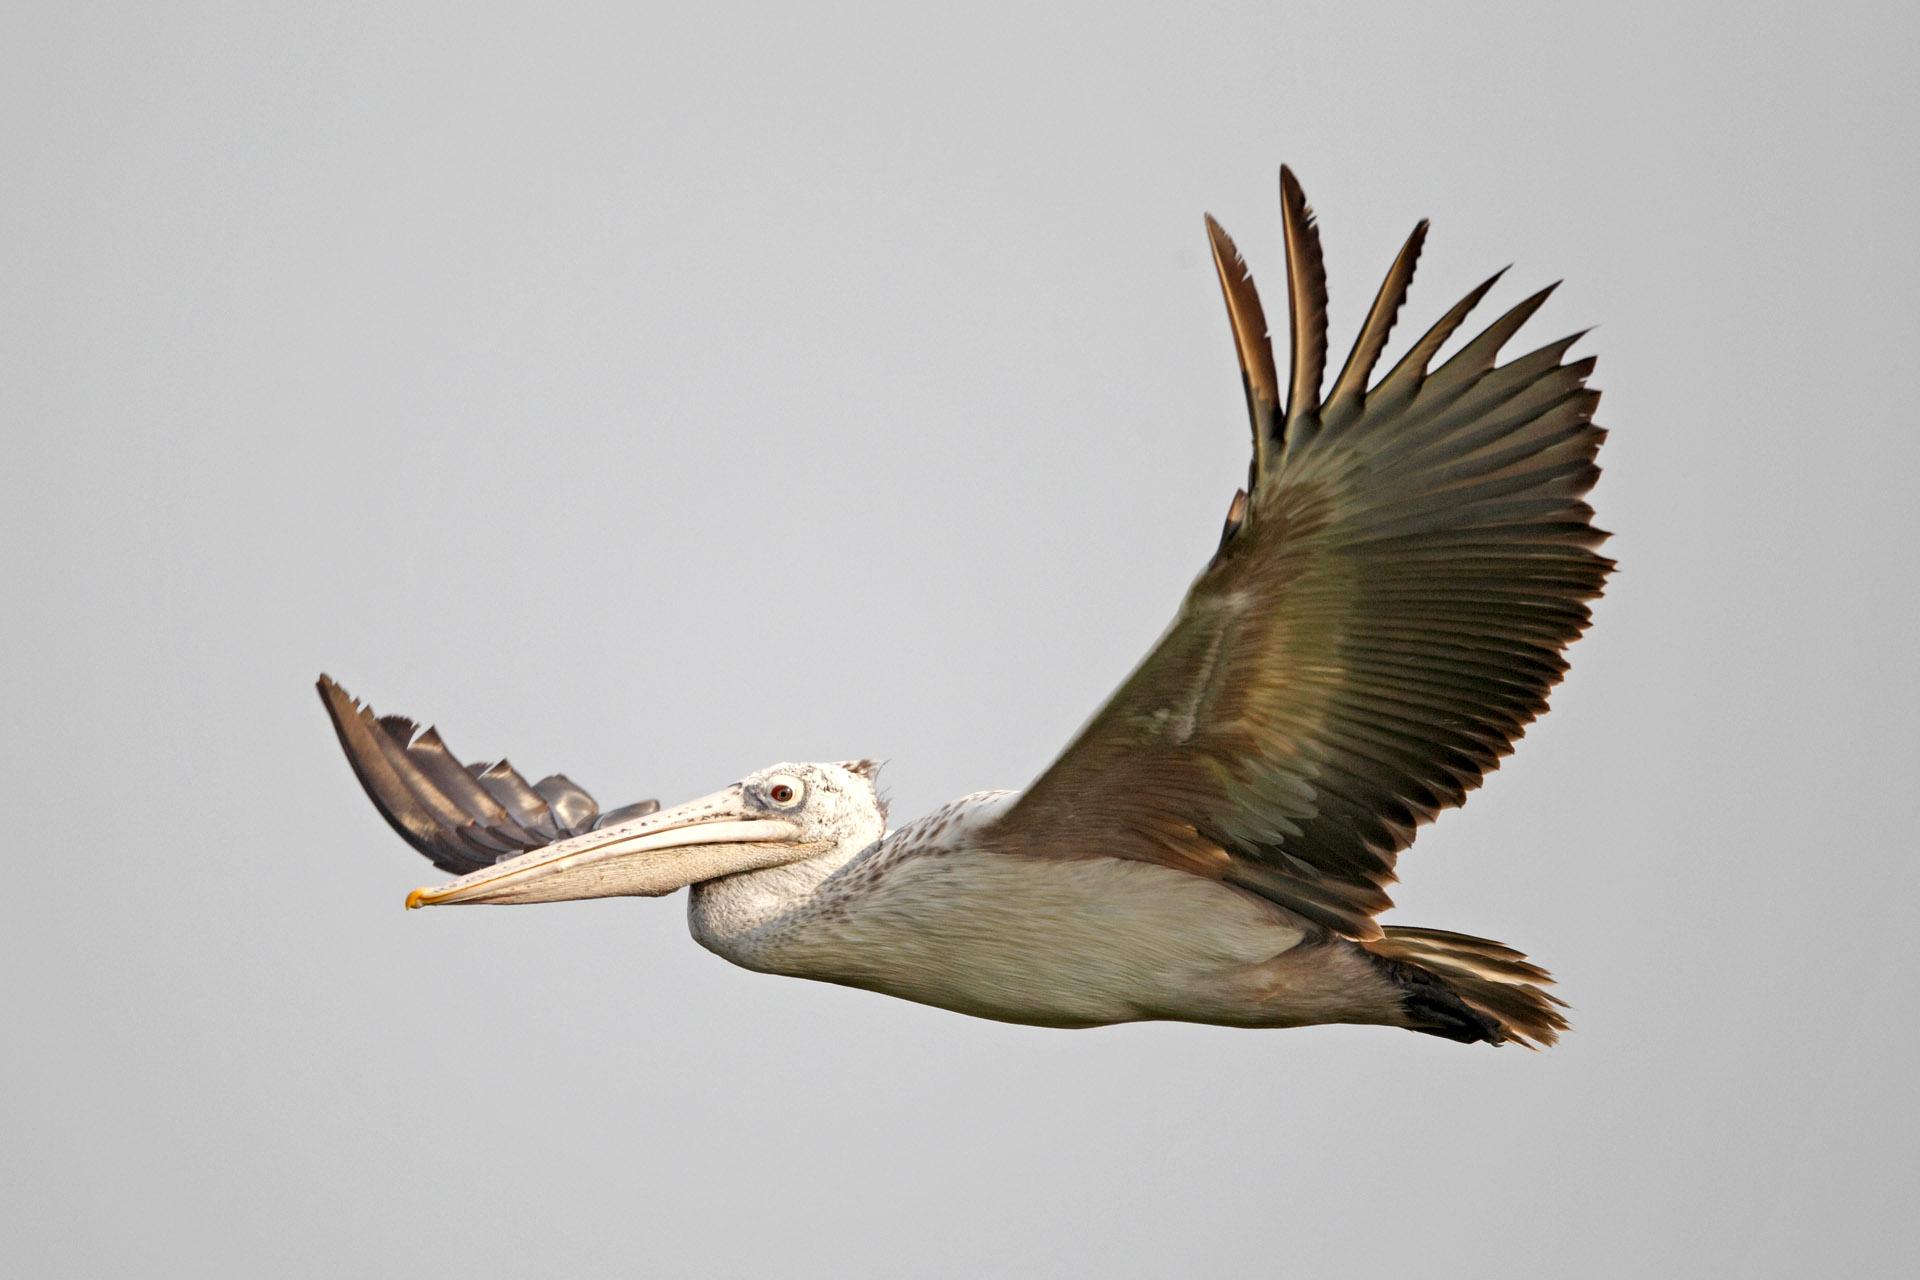 Spot-billed Pelican - in flight